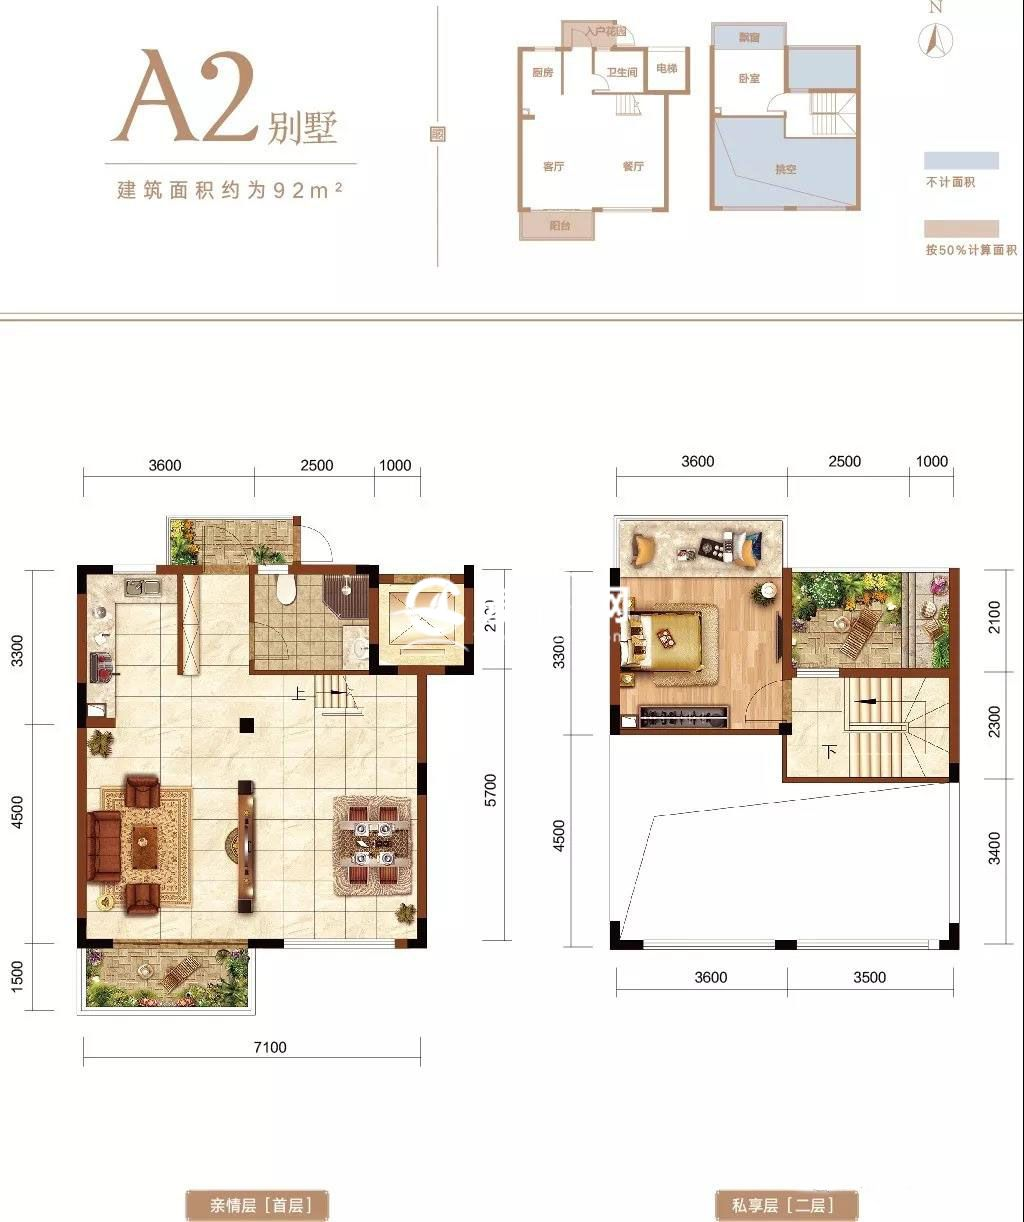 A2别墅 建面92㎡